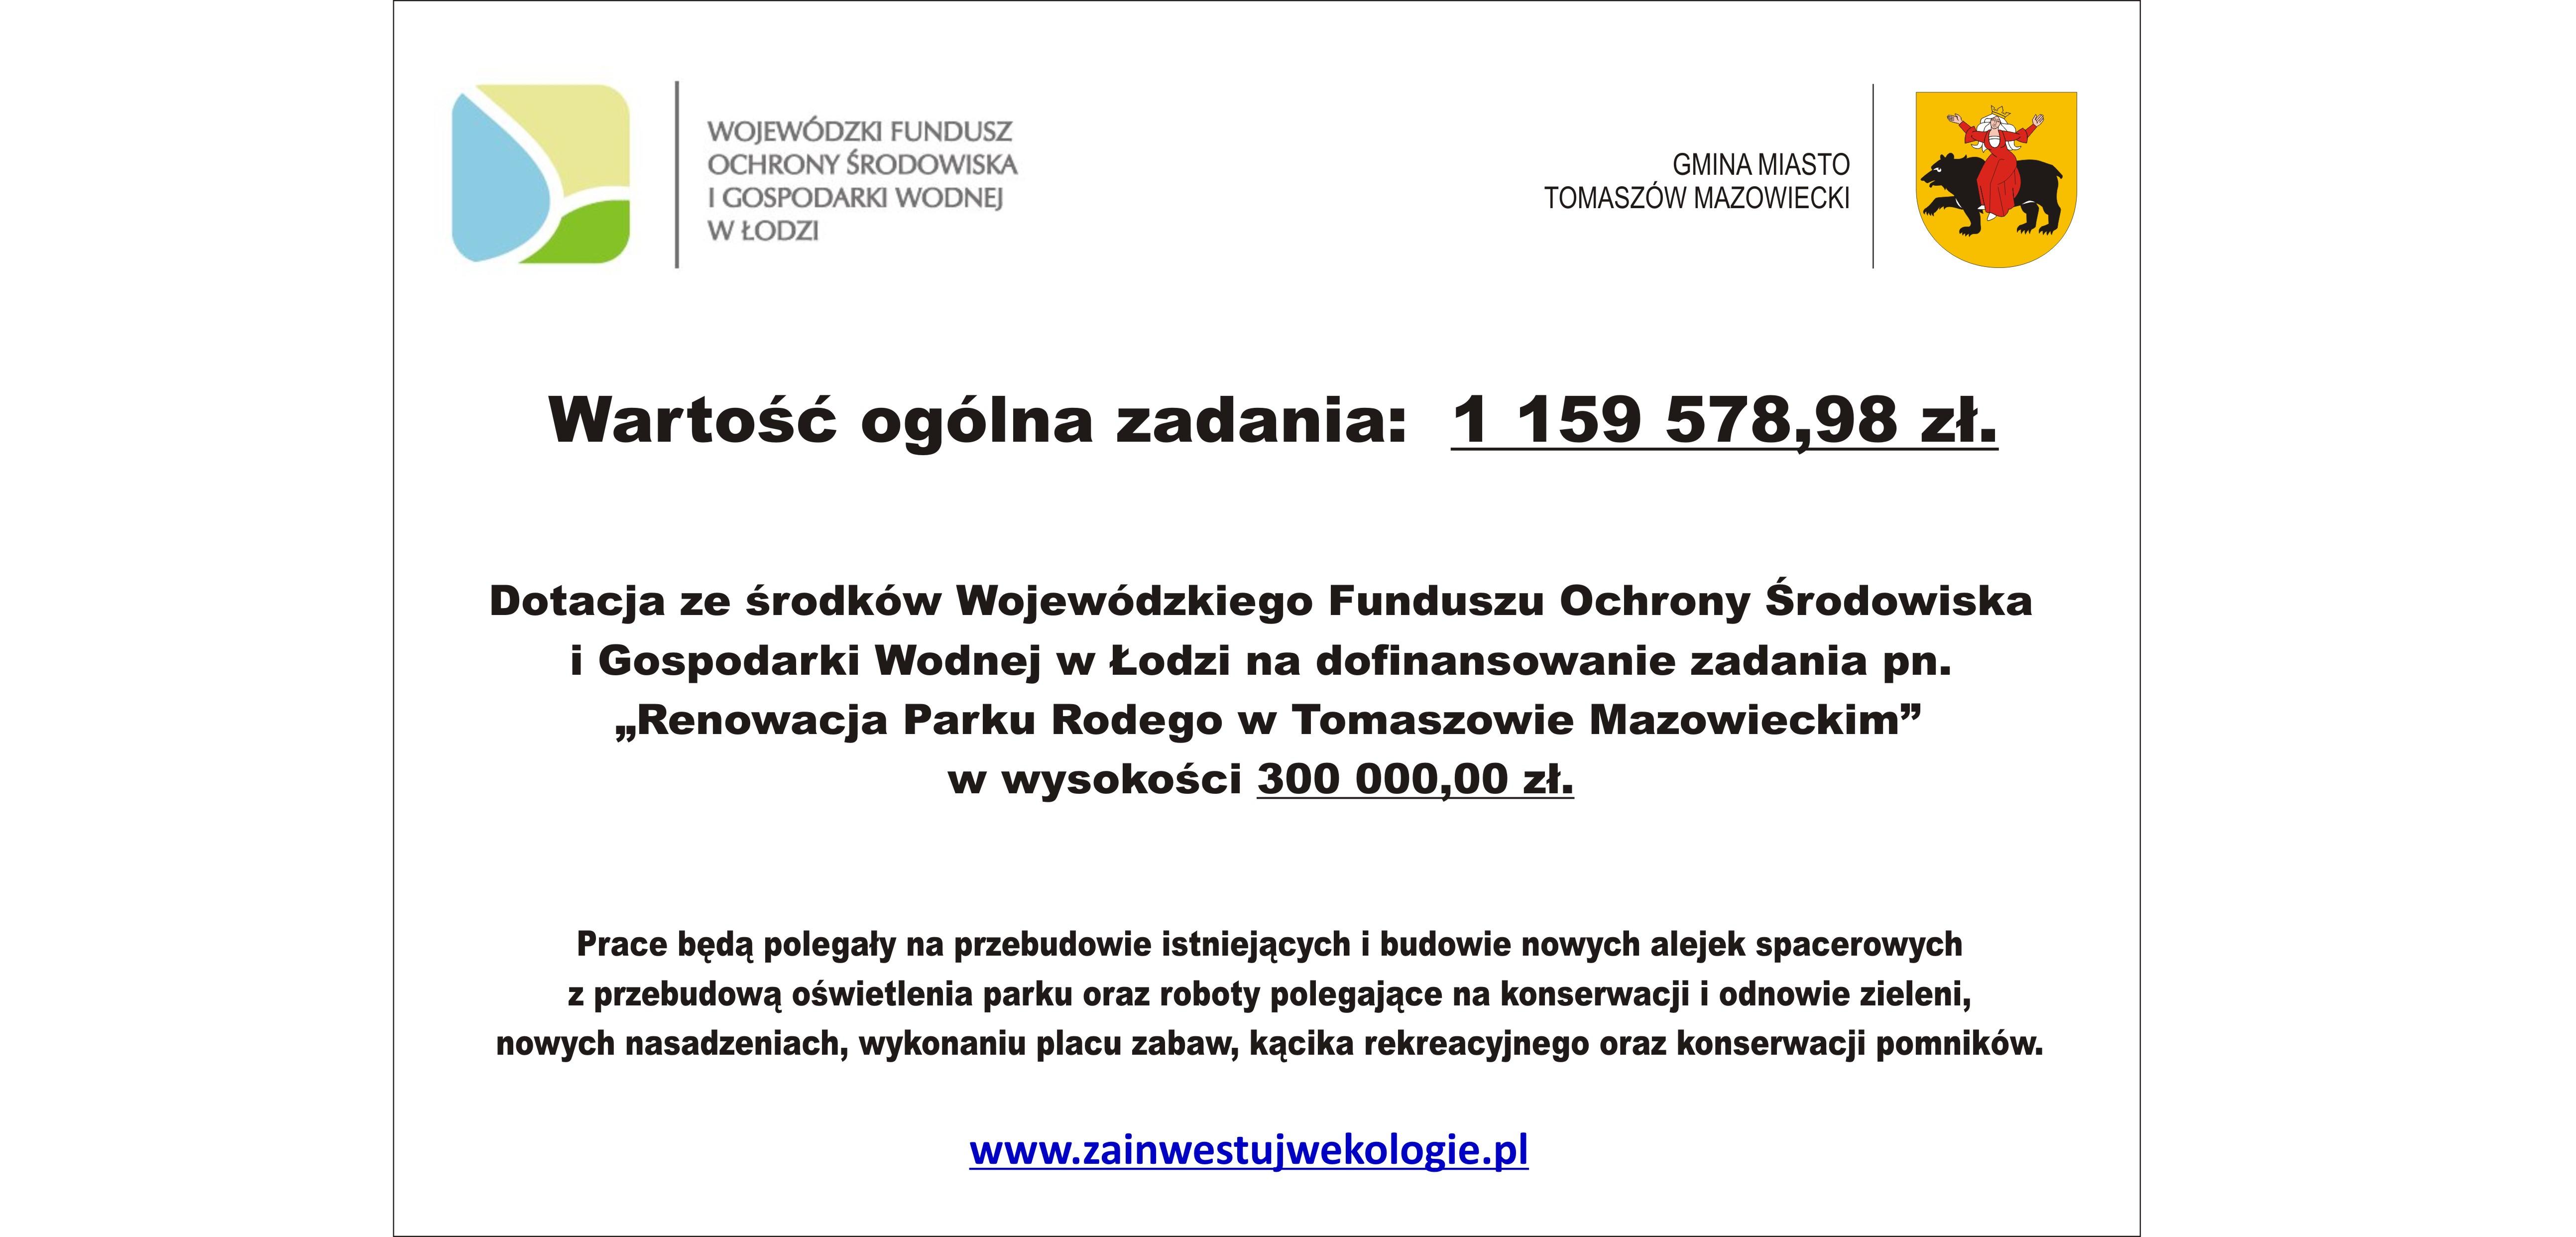 Zainwestuj w ekologie